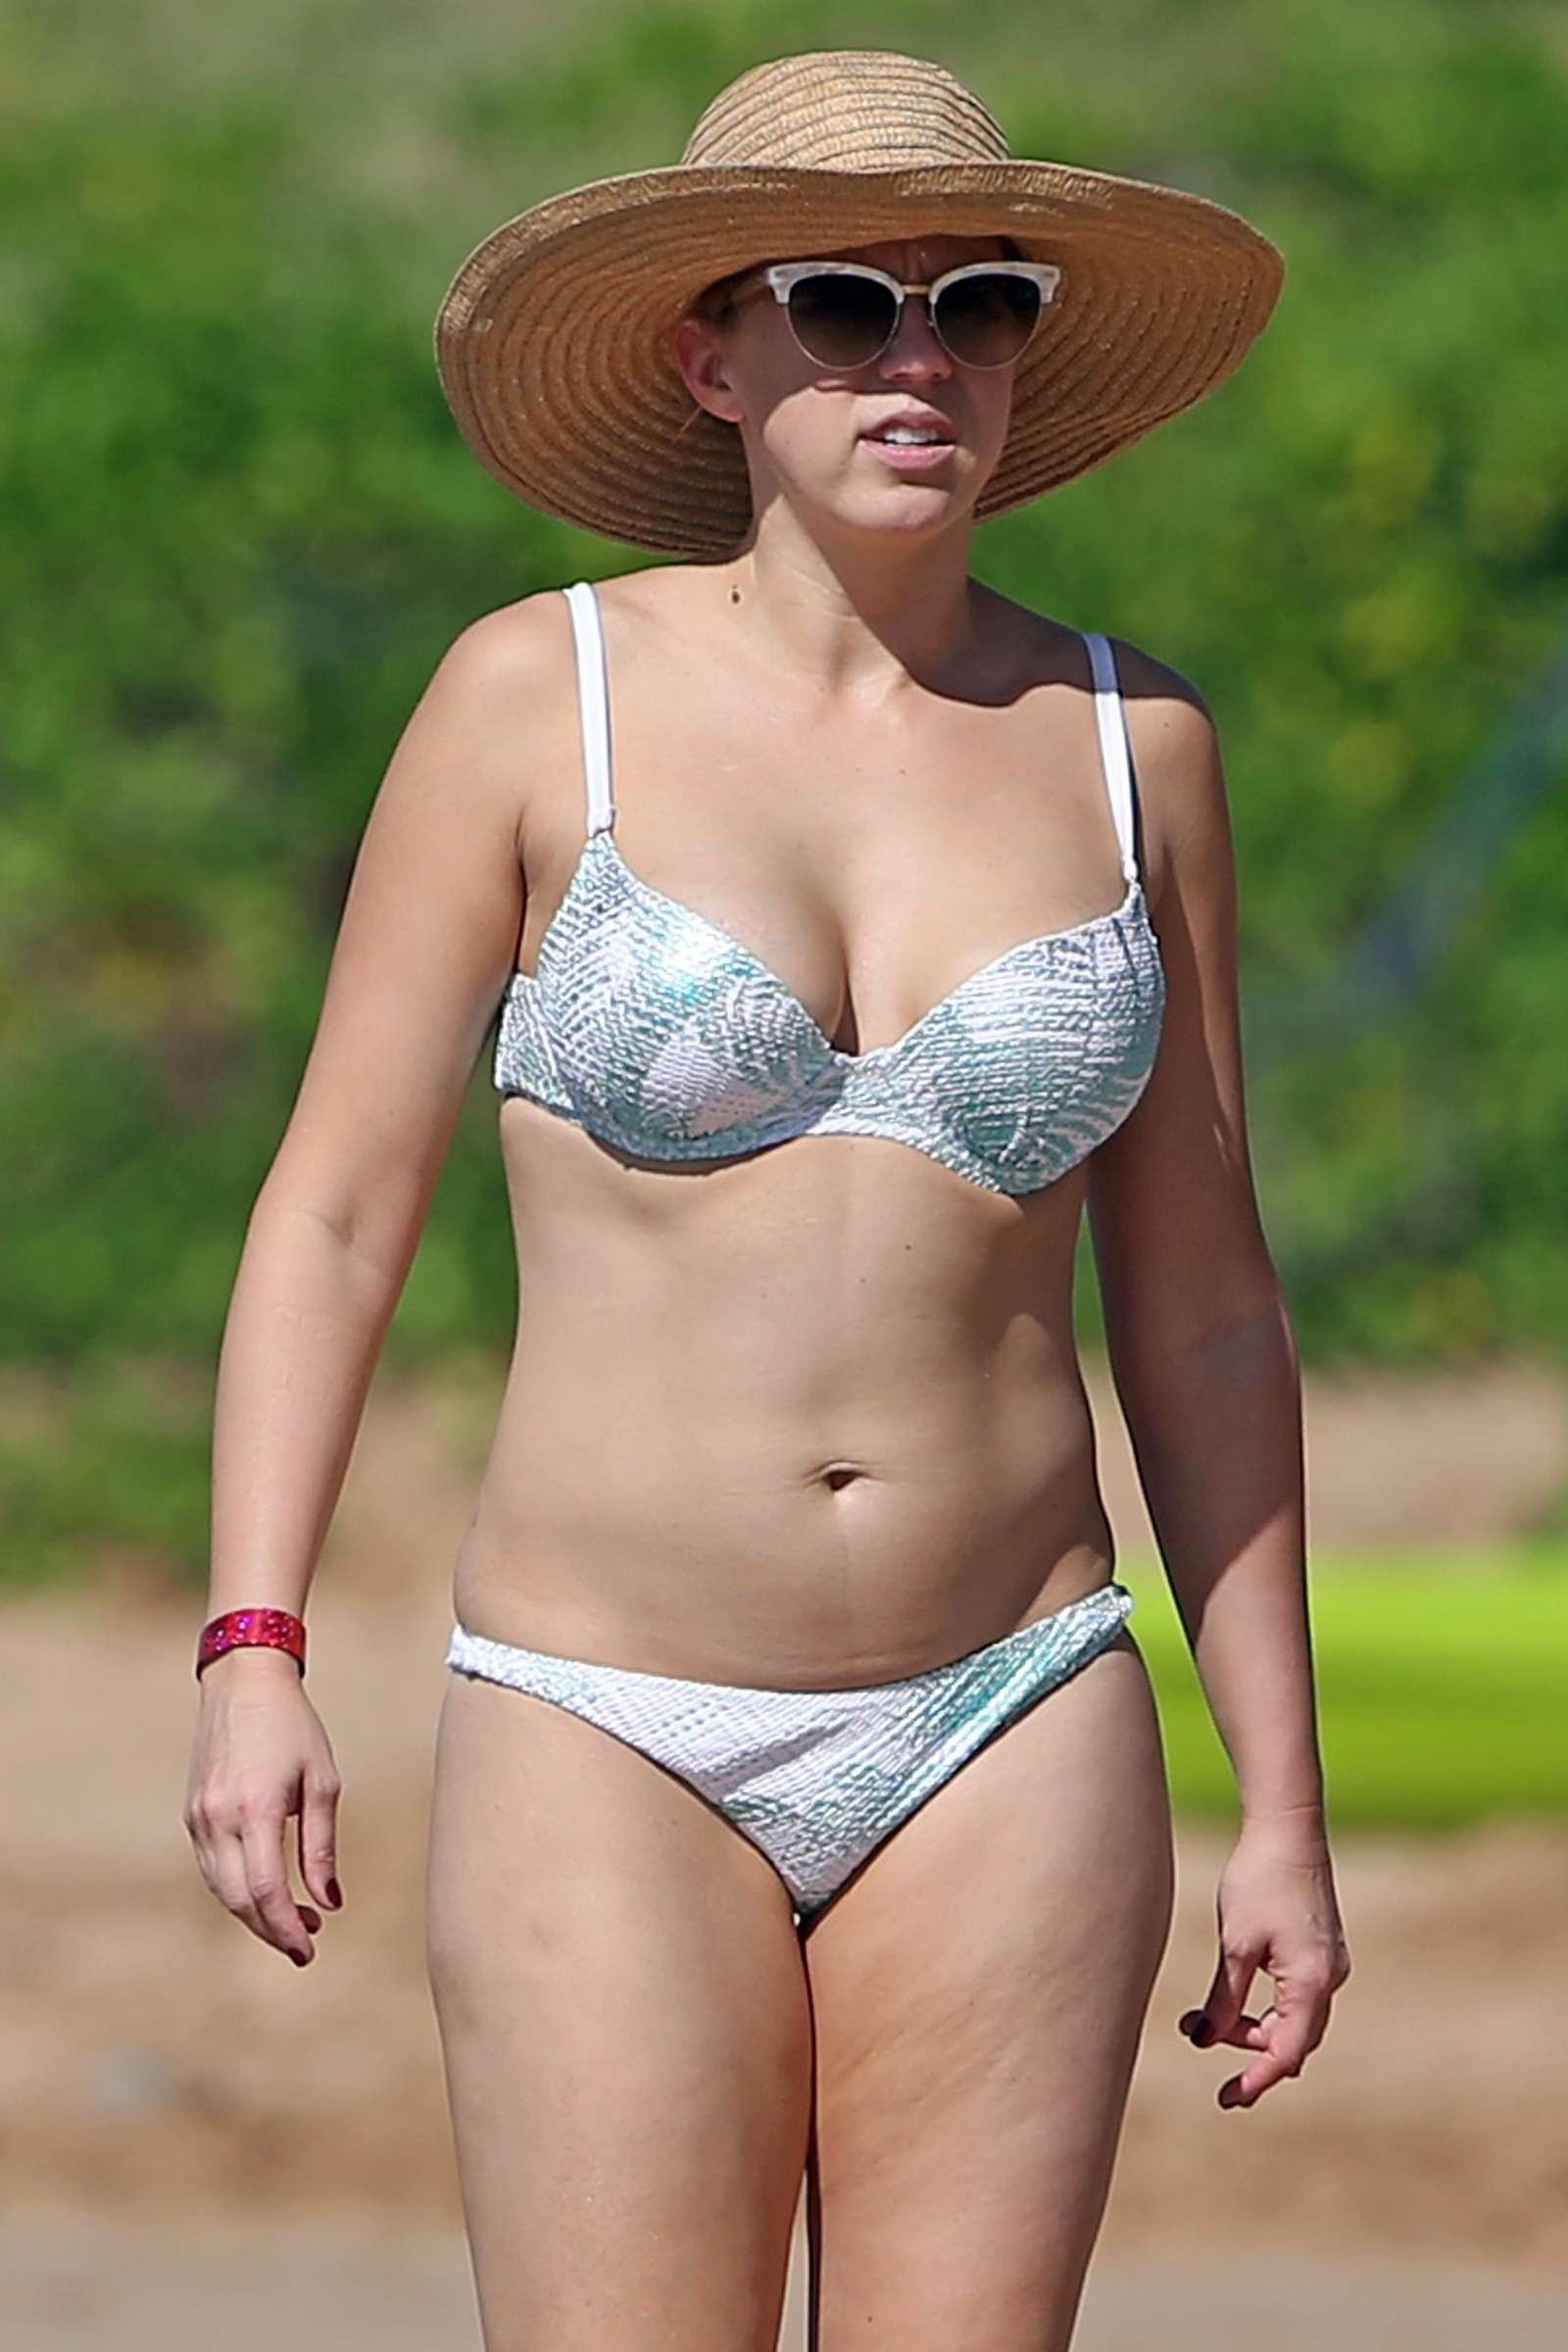 Jodie Sweetin 2017 : Jodie Sweetin in Bikini 2017 -16